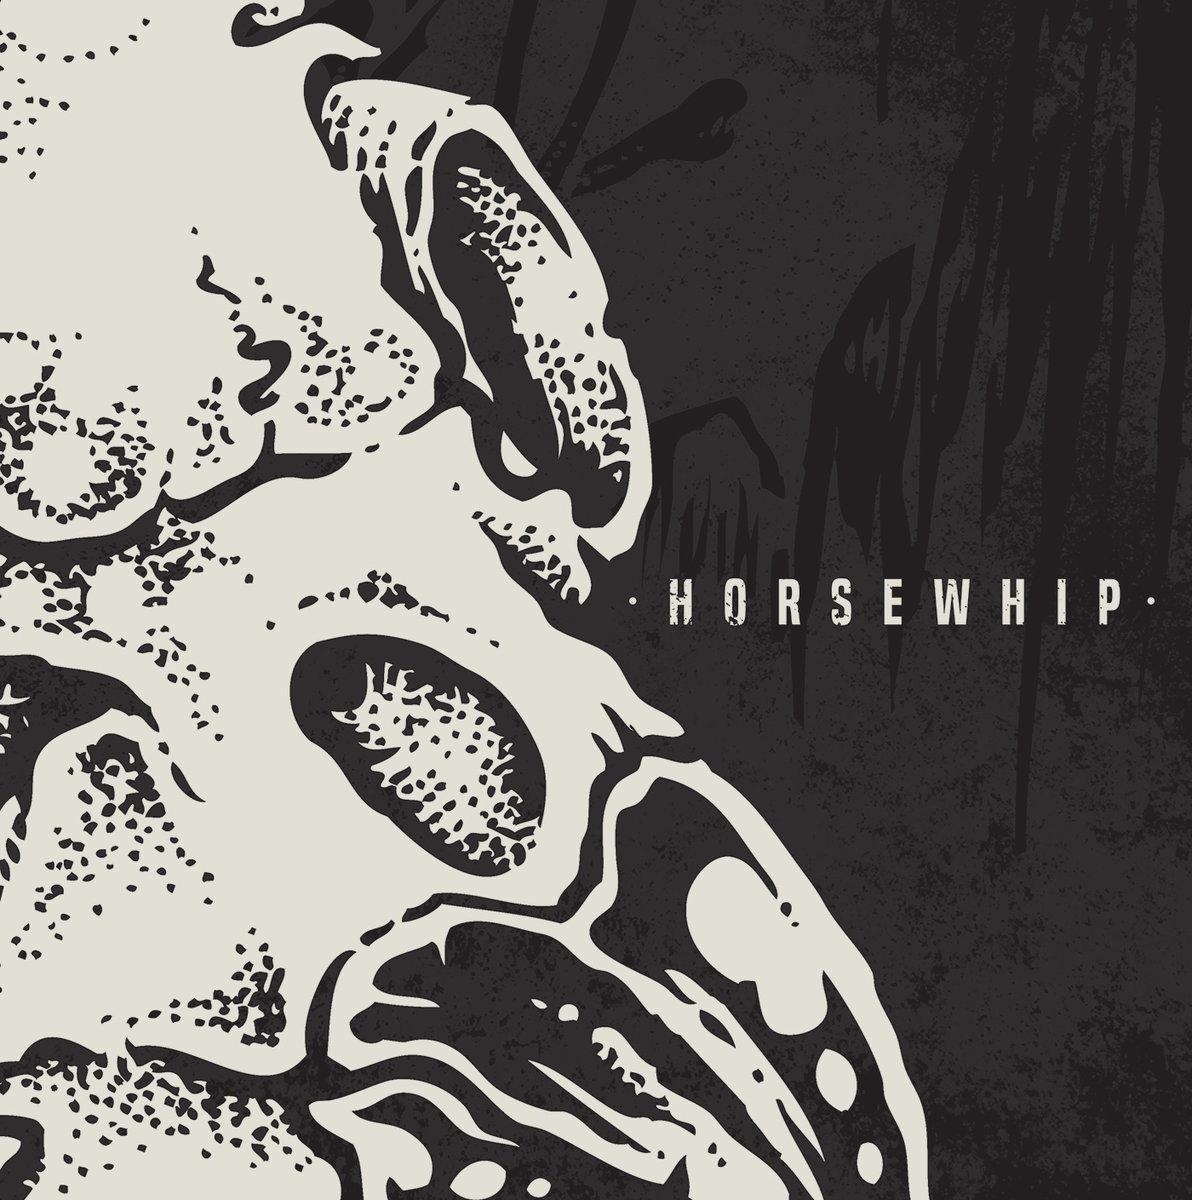 horsewhip.jpg